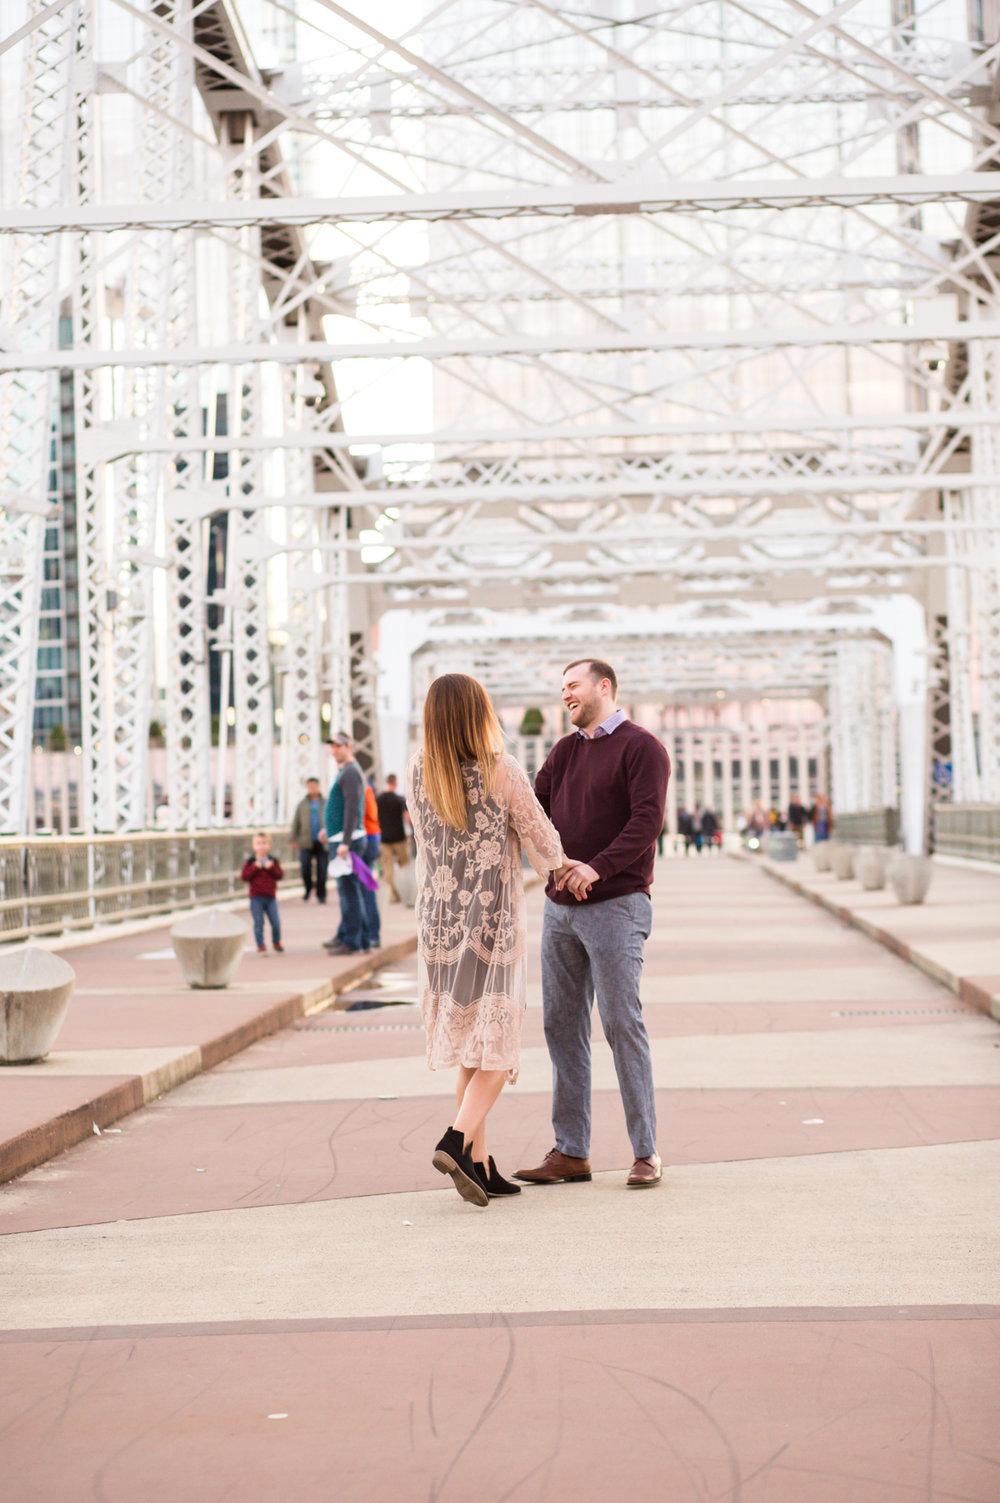 Lauren-and-Grant-Engagement-Centennial-Park-Nashville-Sneak-Peak-0070.jpg